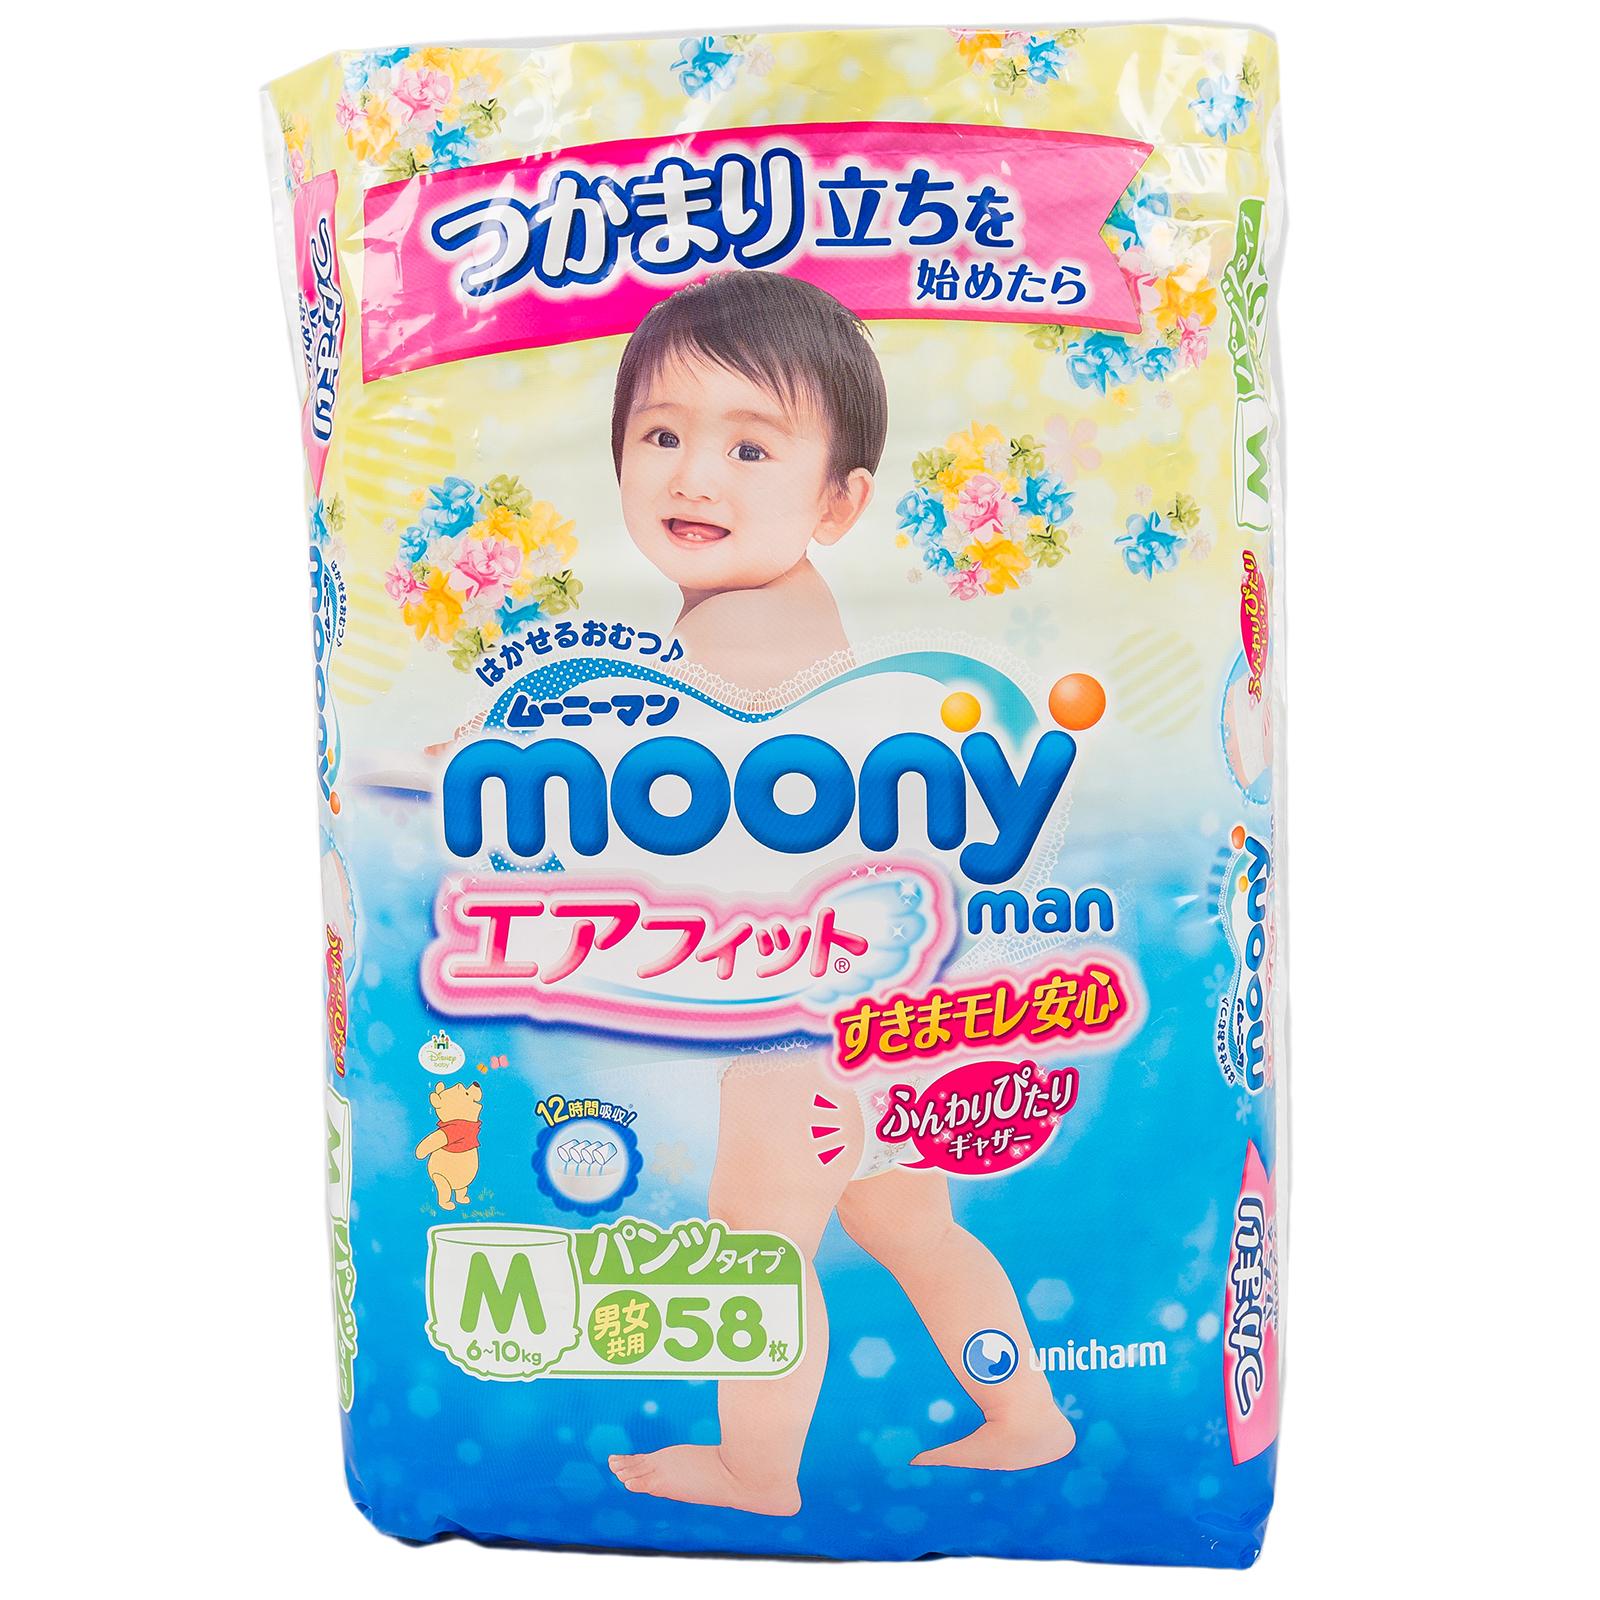 Трусики Moony универсальные 6-10 кг (58 шт) (для тех, кто ходит) Размер M<br>